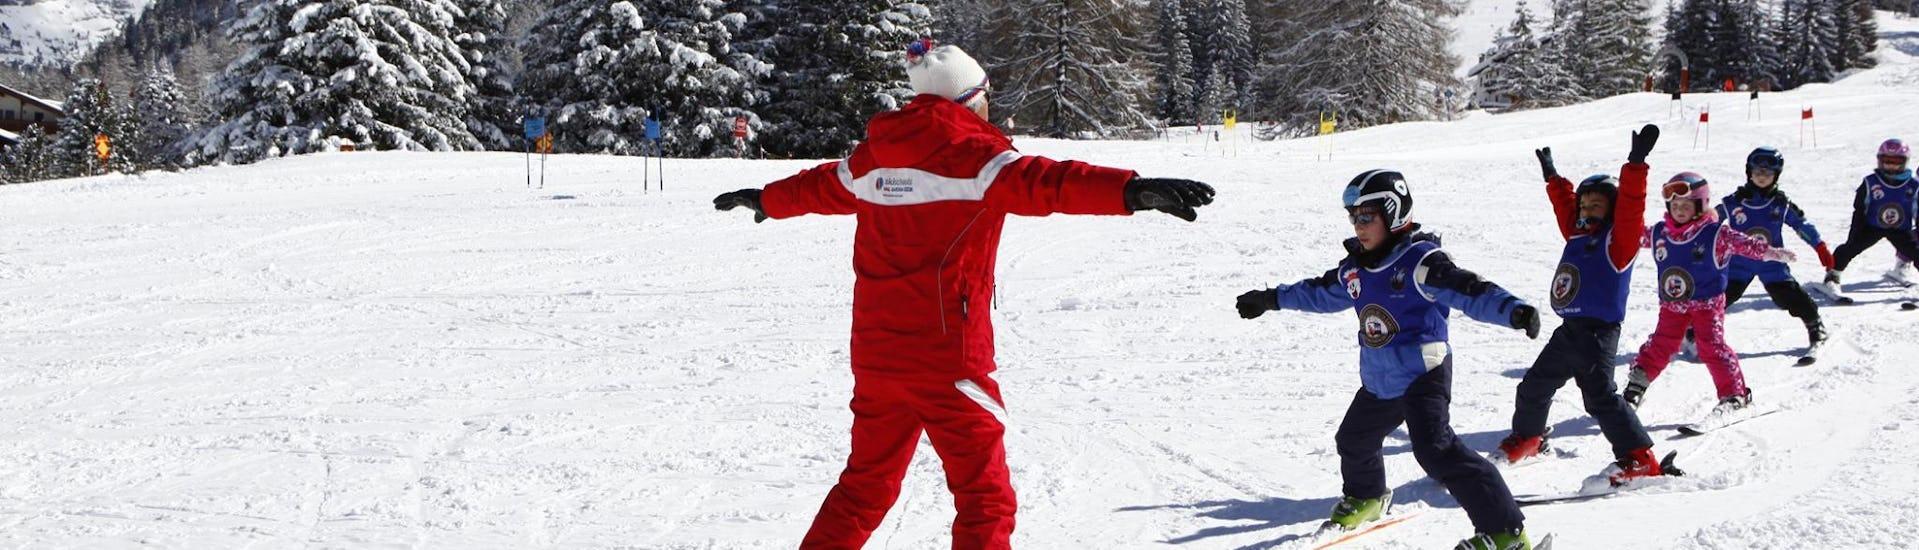 Skikurs für Kinder (2,5-4 Jahre) - Anfänger